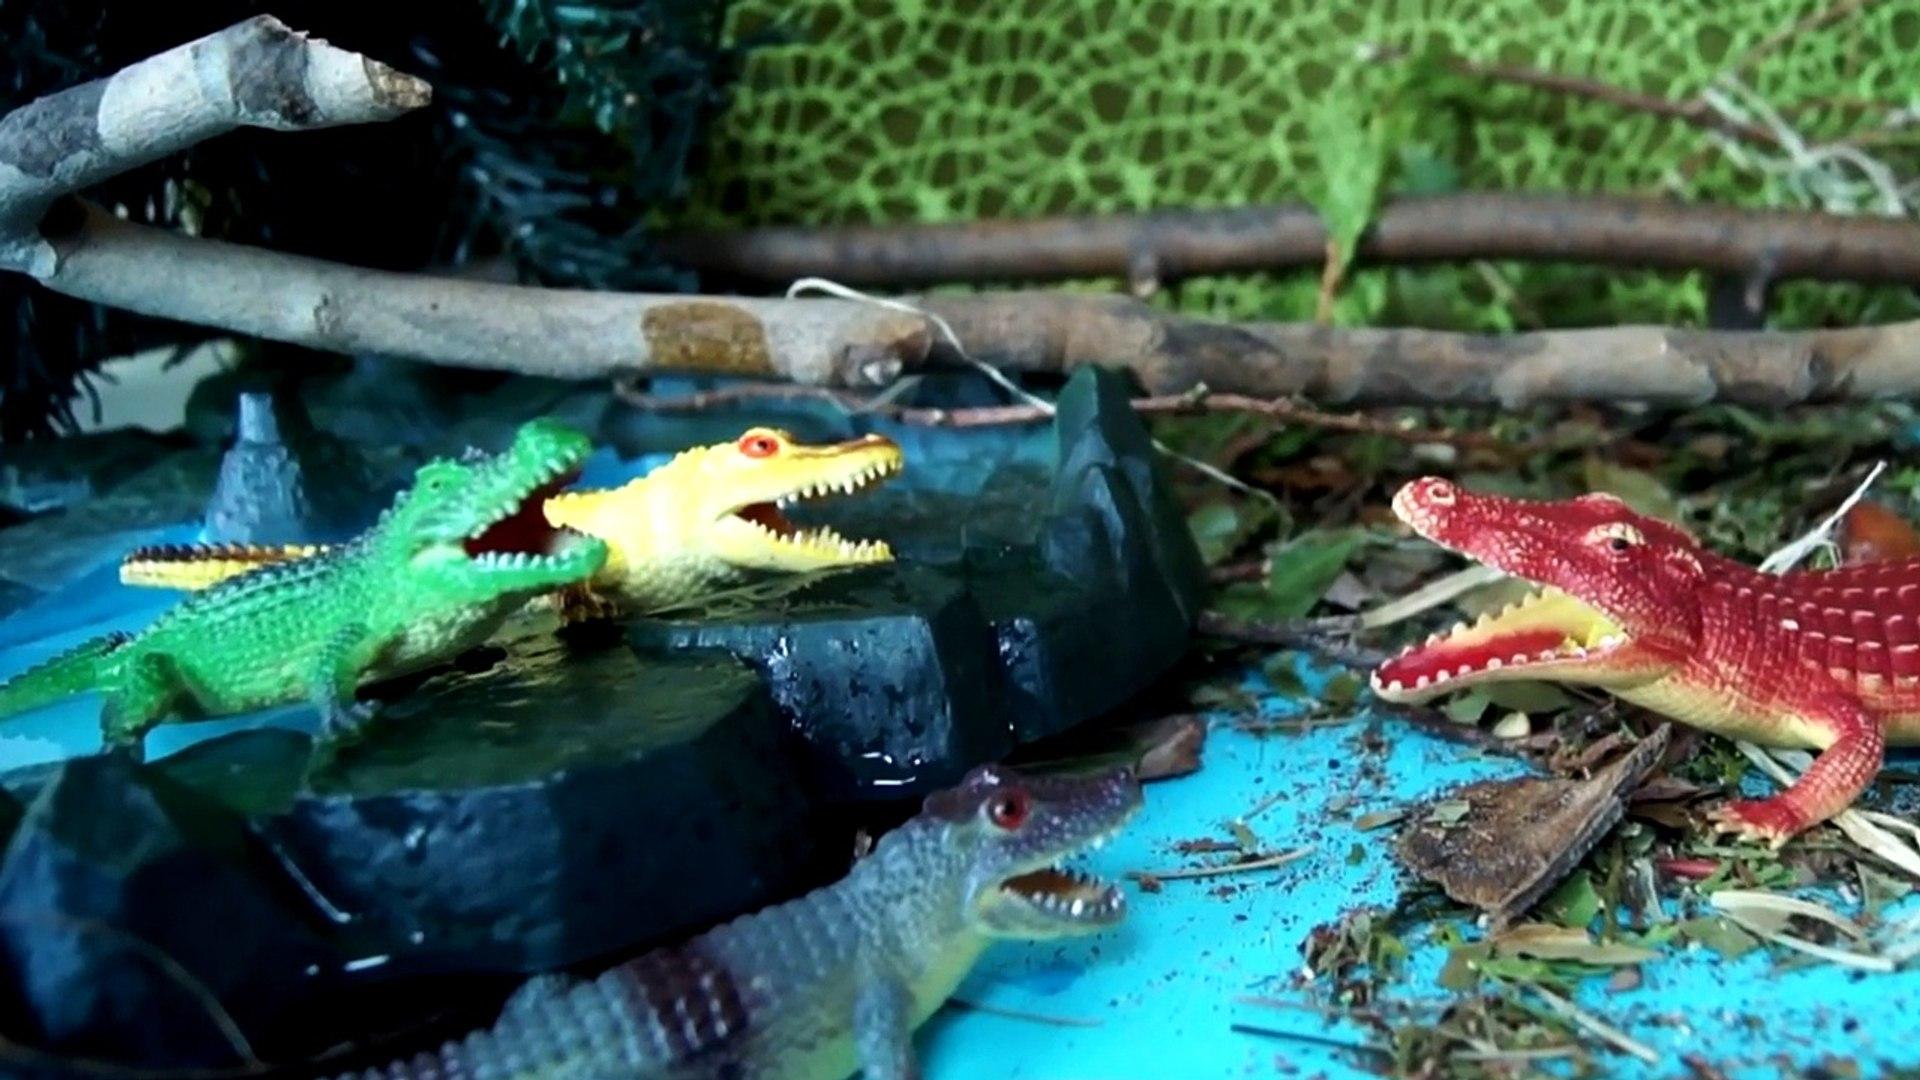 Мультики про животных. Охотник на крокодилов. Бой насекомых. Сборник мультфильмов. Для детей